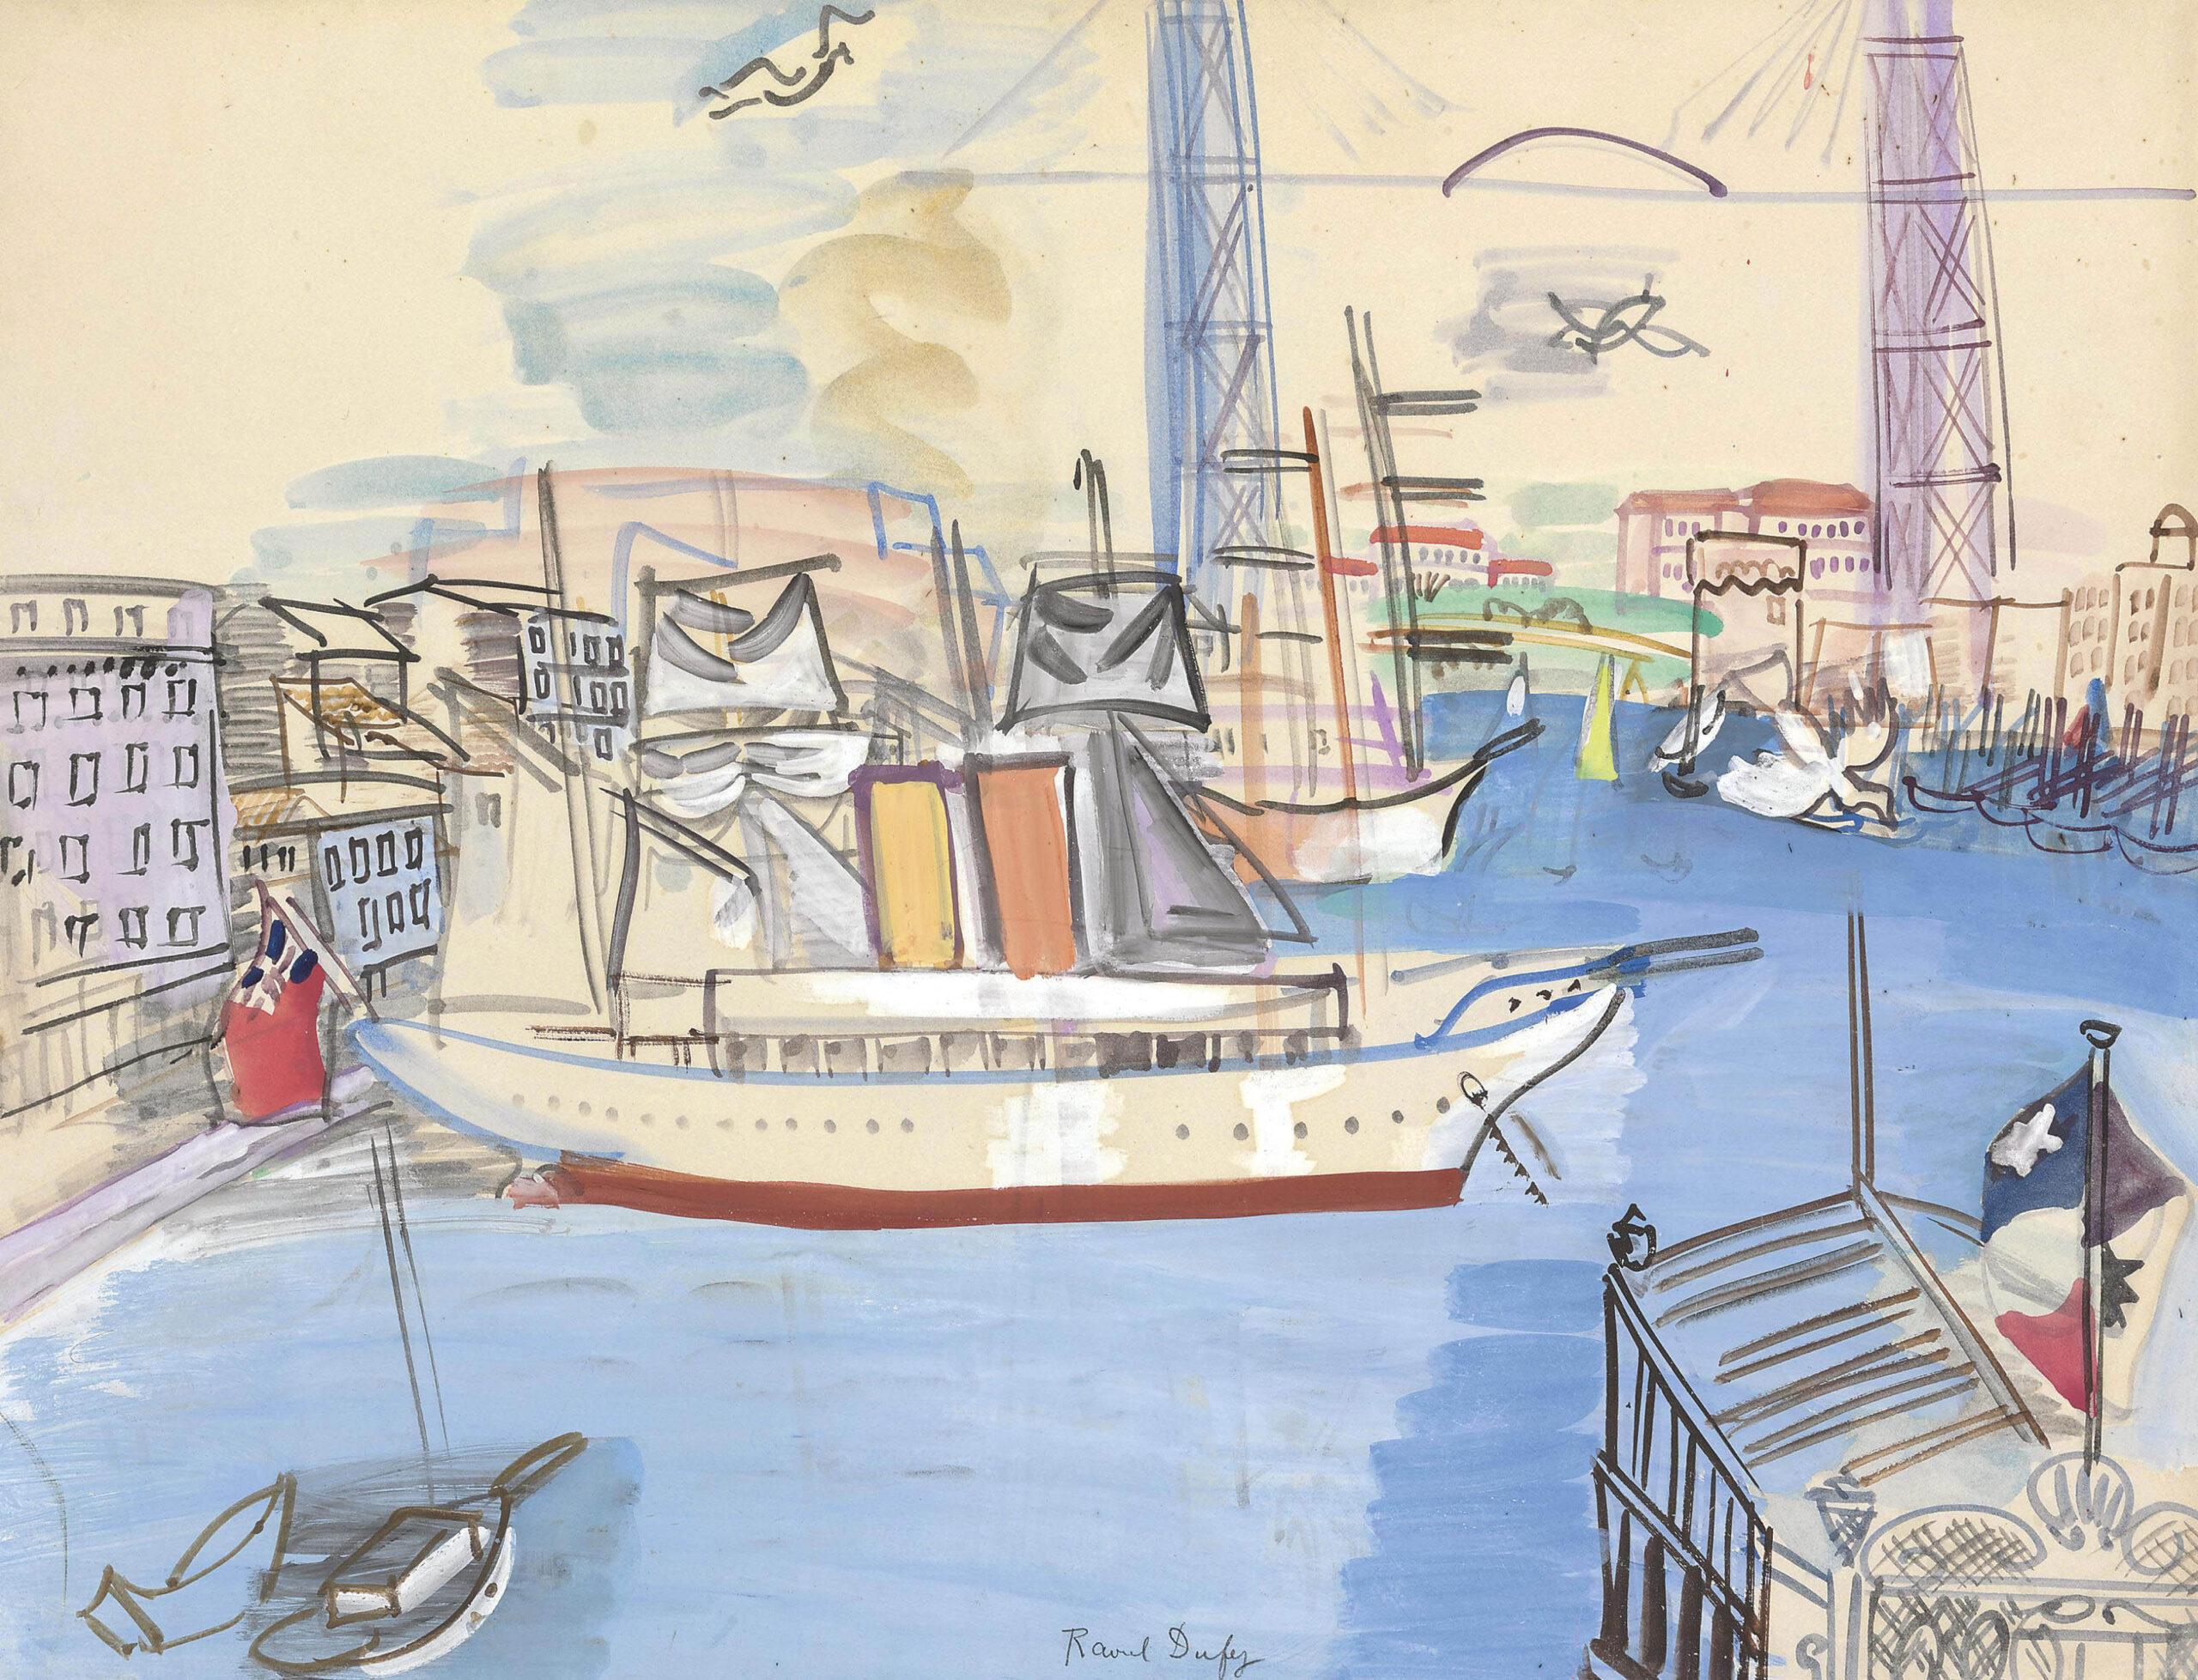 Colore e musica nell'arte di Raoul Dufy